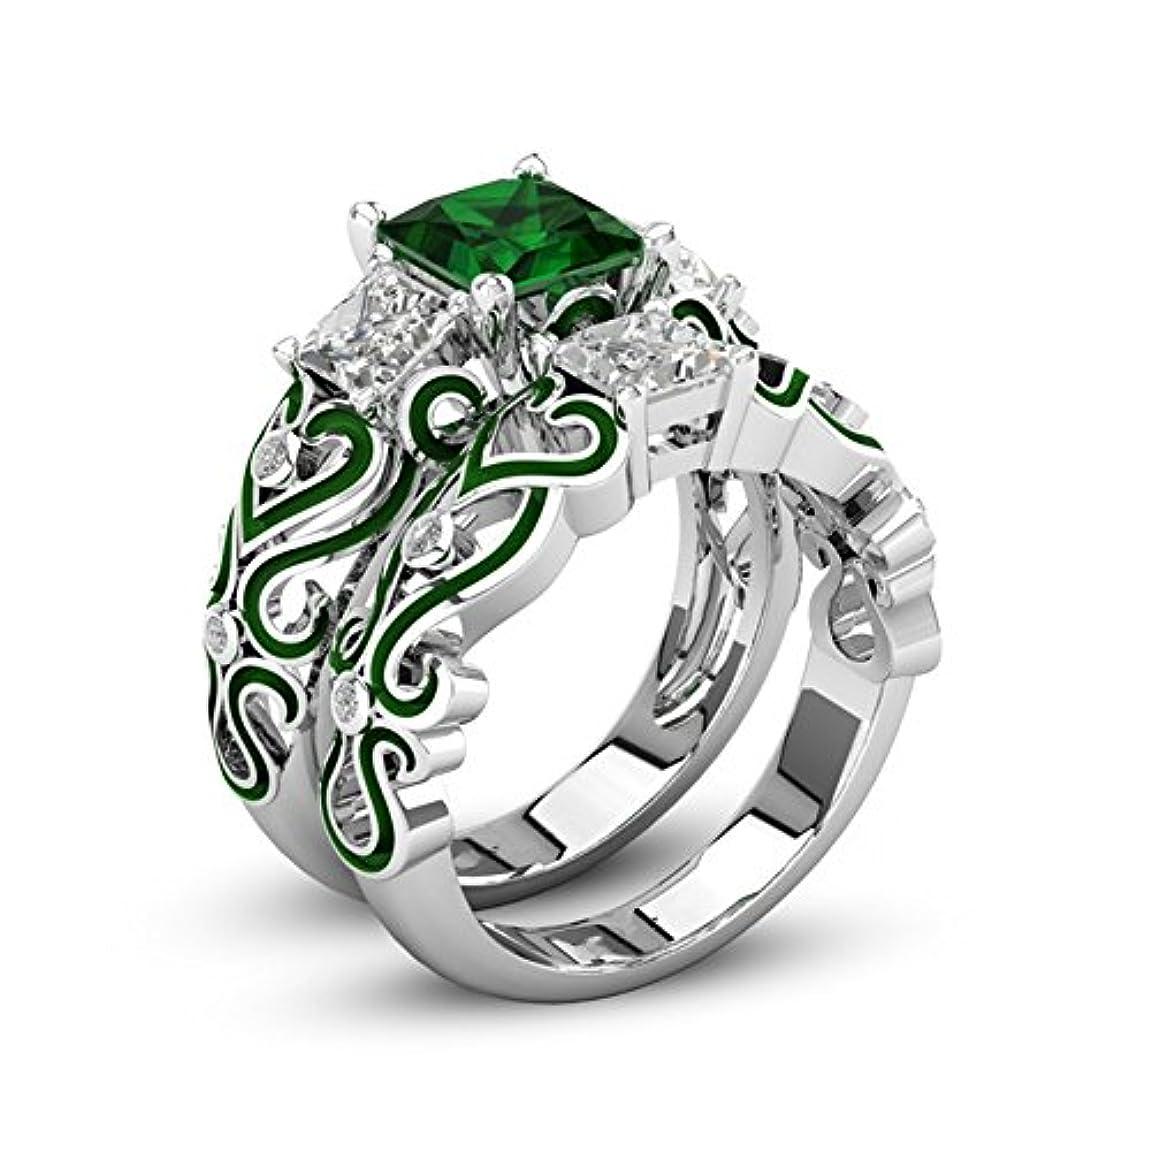 サミュエルケイ素真っ逆さま女性のためのファッション925シルバーメッキ結婚指輪婚約指輪フレンドマザーパーティー着用記念日 (緑, 18)